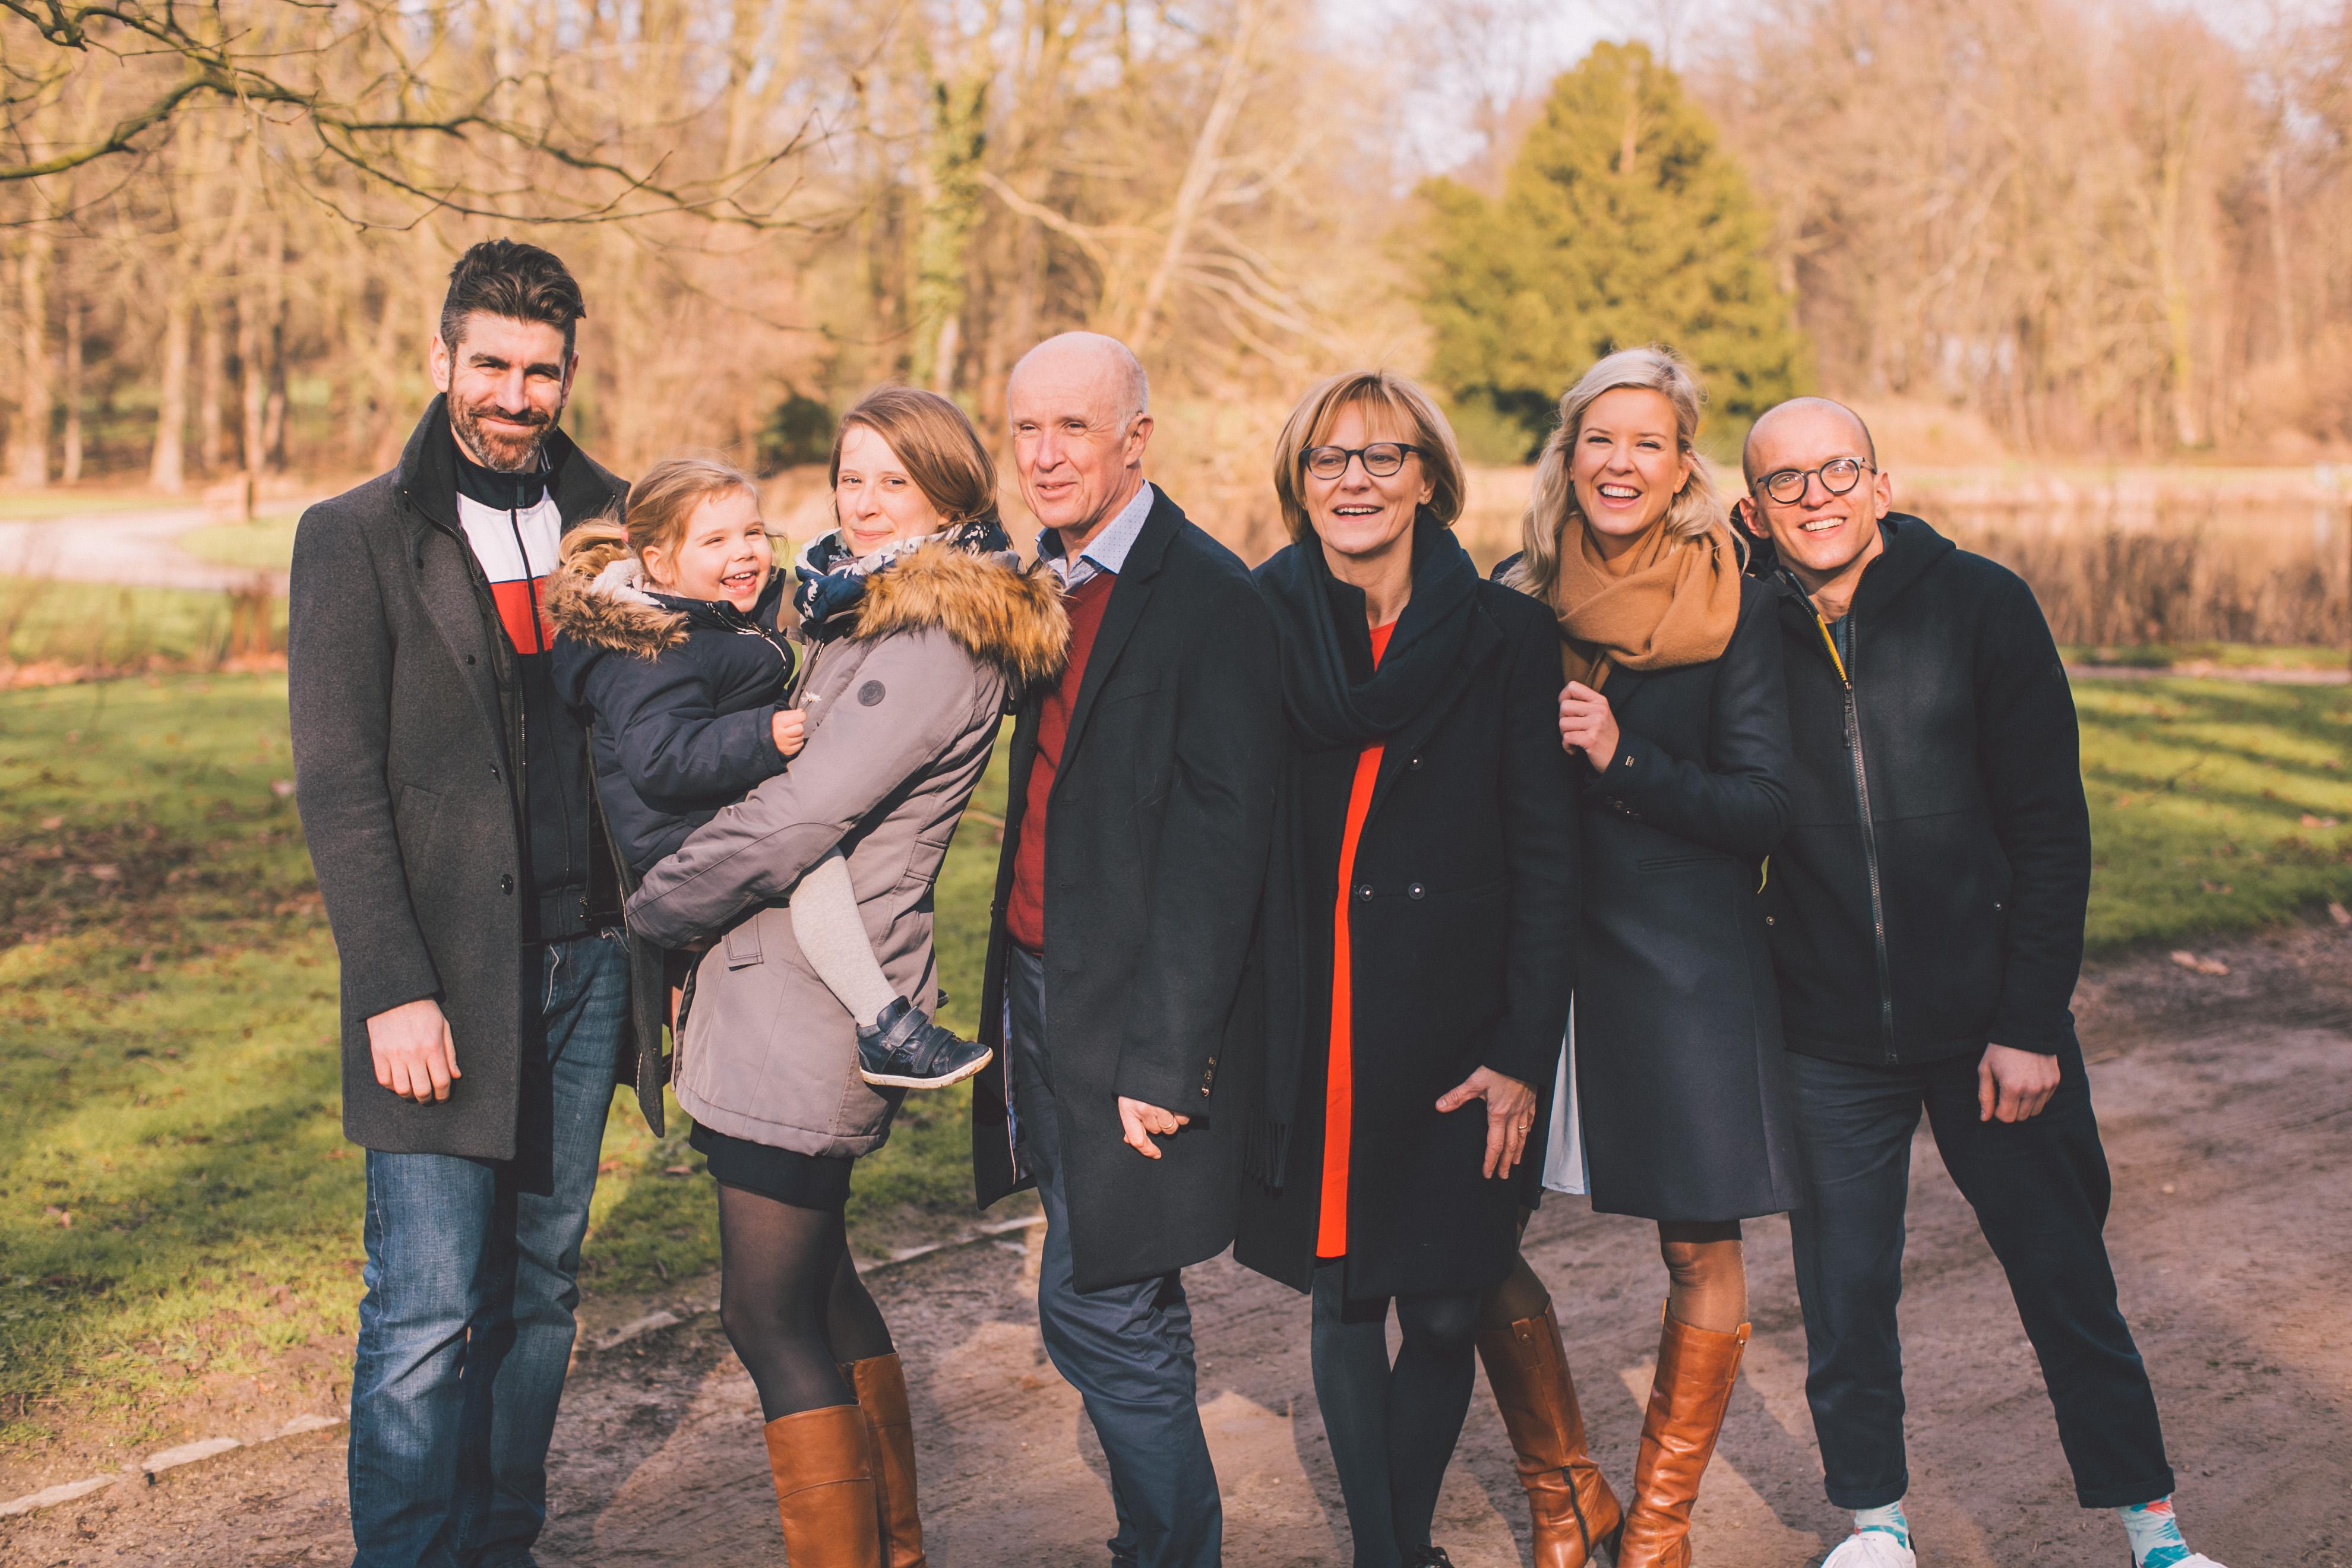 FAMILIE DENTURCK-1277